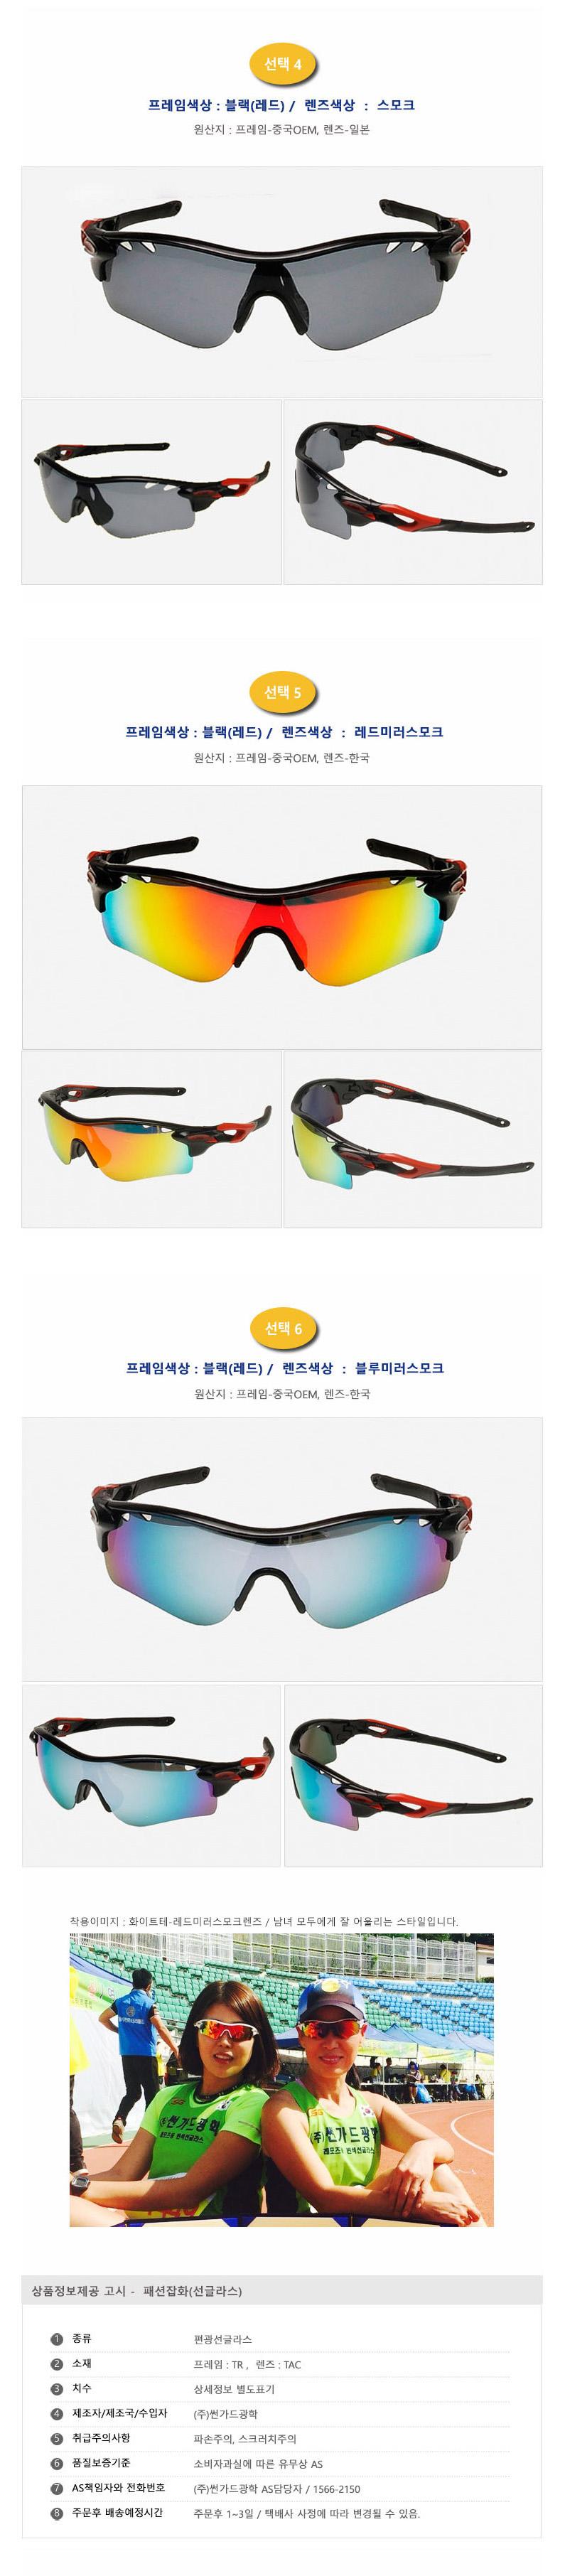 썬가드 편광선글라스 - 블랙아이 2.jpg